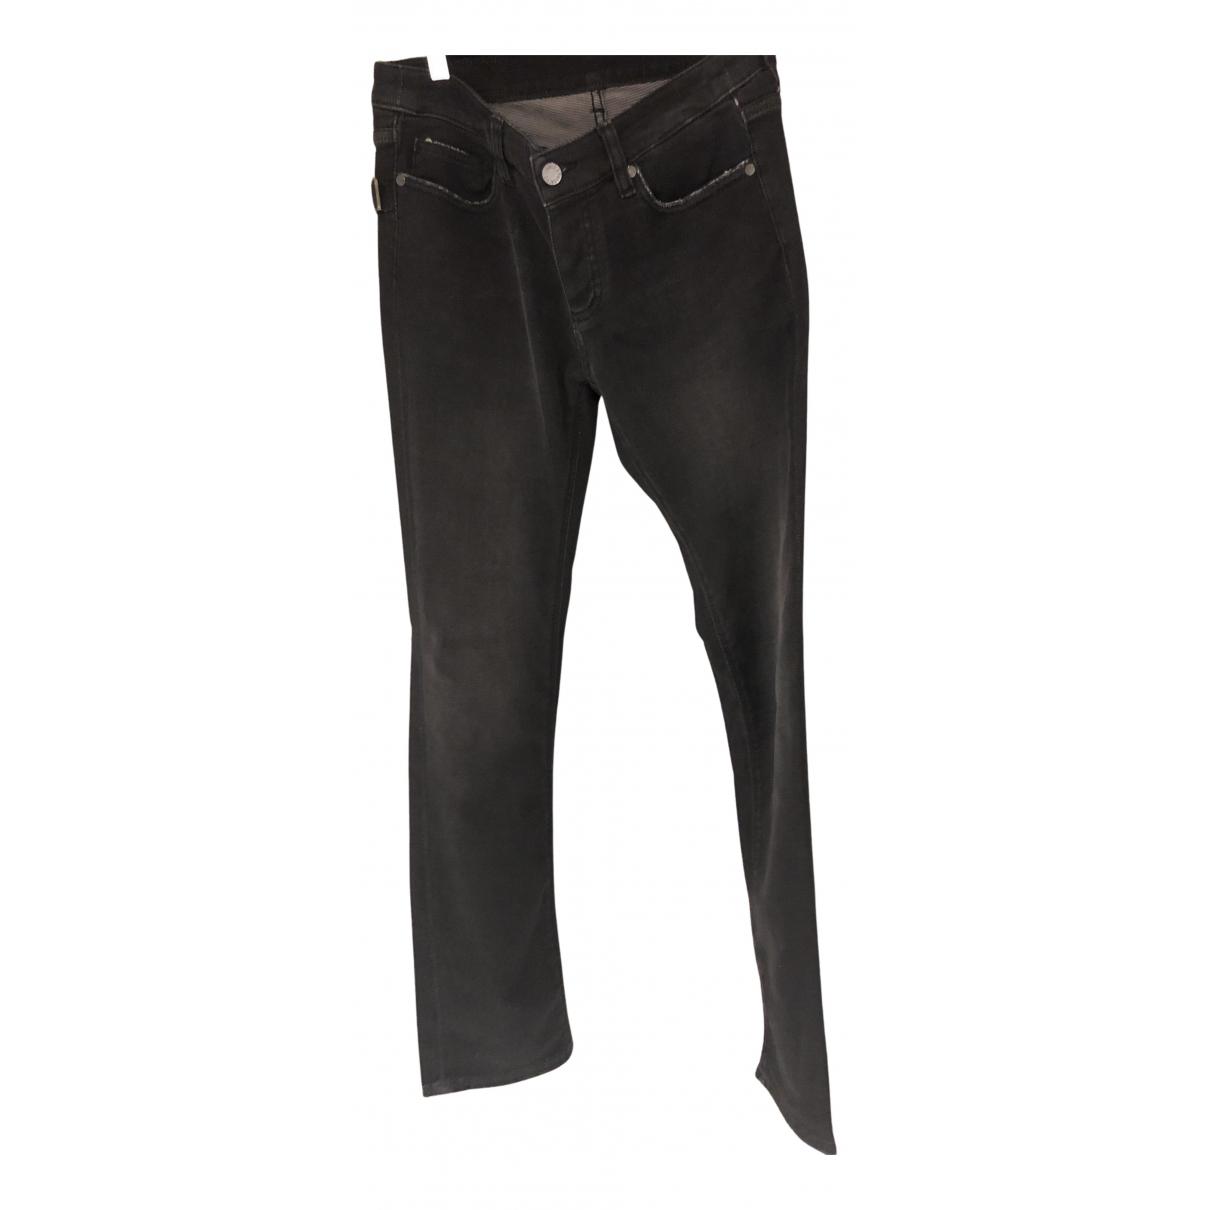 Pantalon en Algodon Negro Zadig & Voltaire